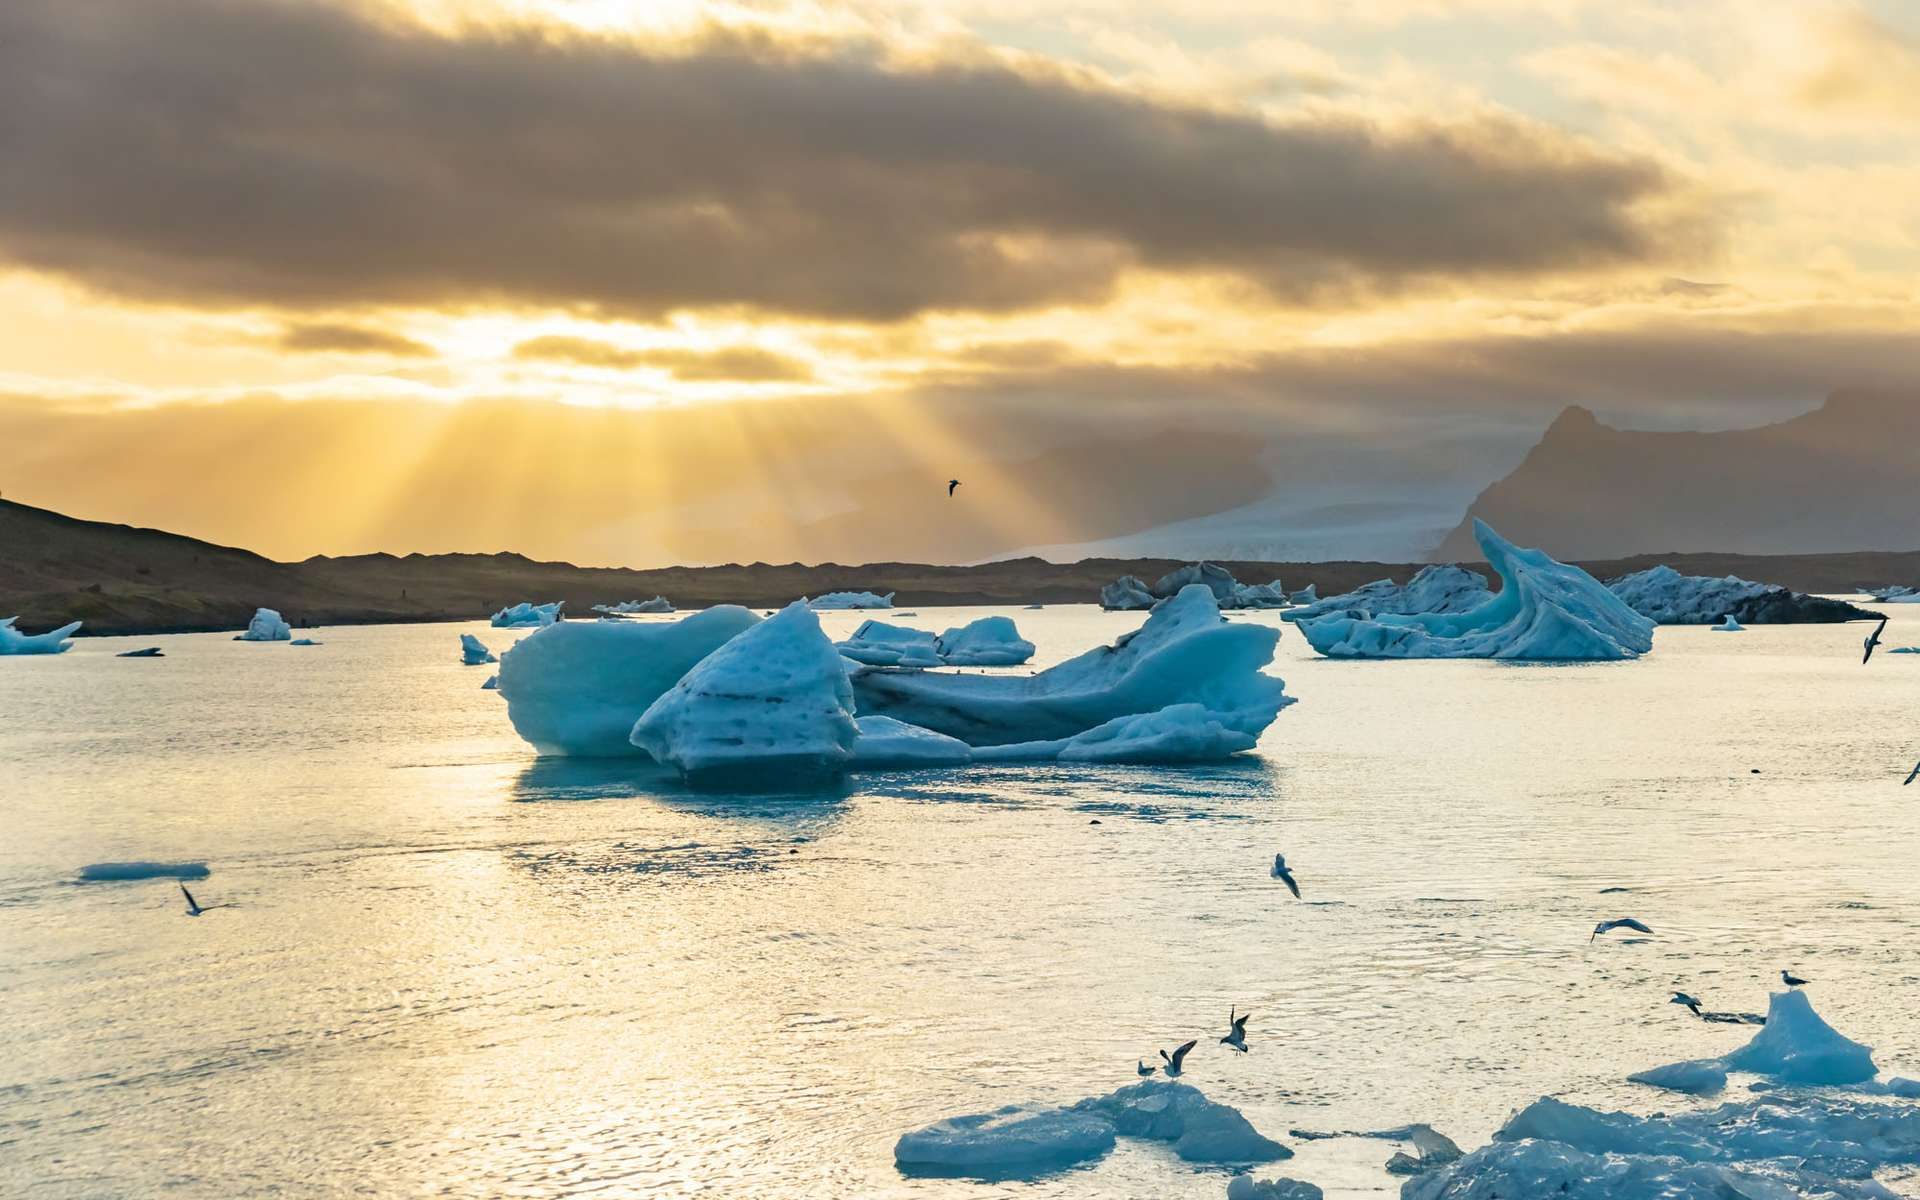 Les observations de cet hiver ont montré une diminution significative du contenu en ozone de la stratosphère durant plusieurs semaines, sur une large zone autour du Pôle Nord. © Kotangens, Adobe Stock